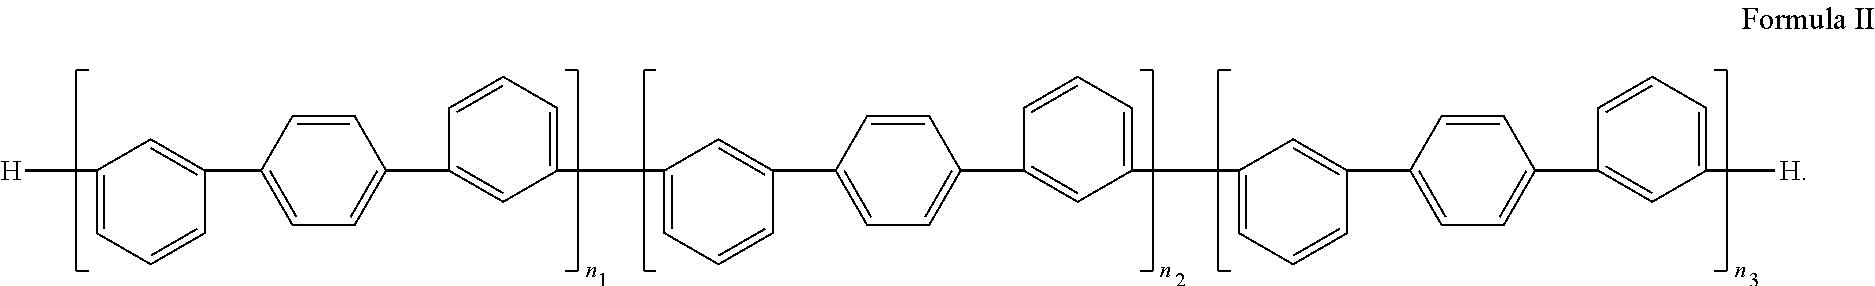 Figure US09224958-20151229-C00005